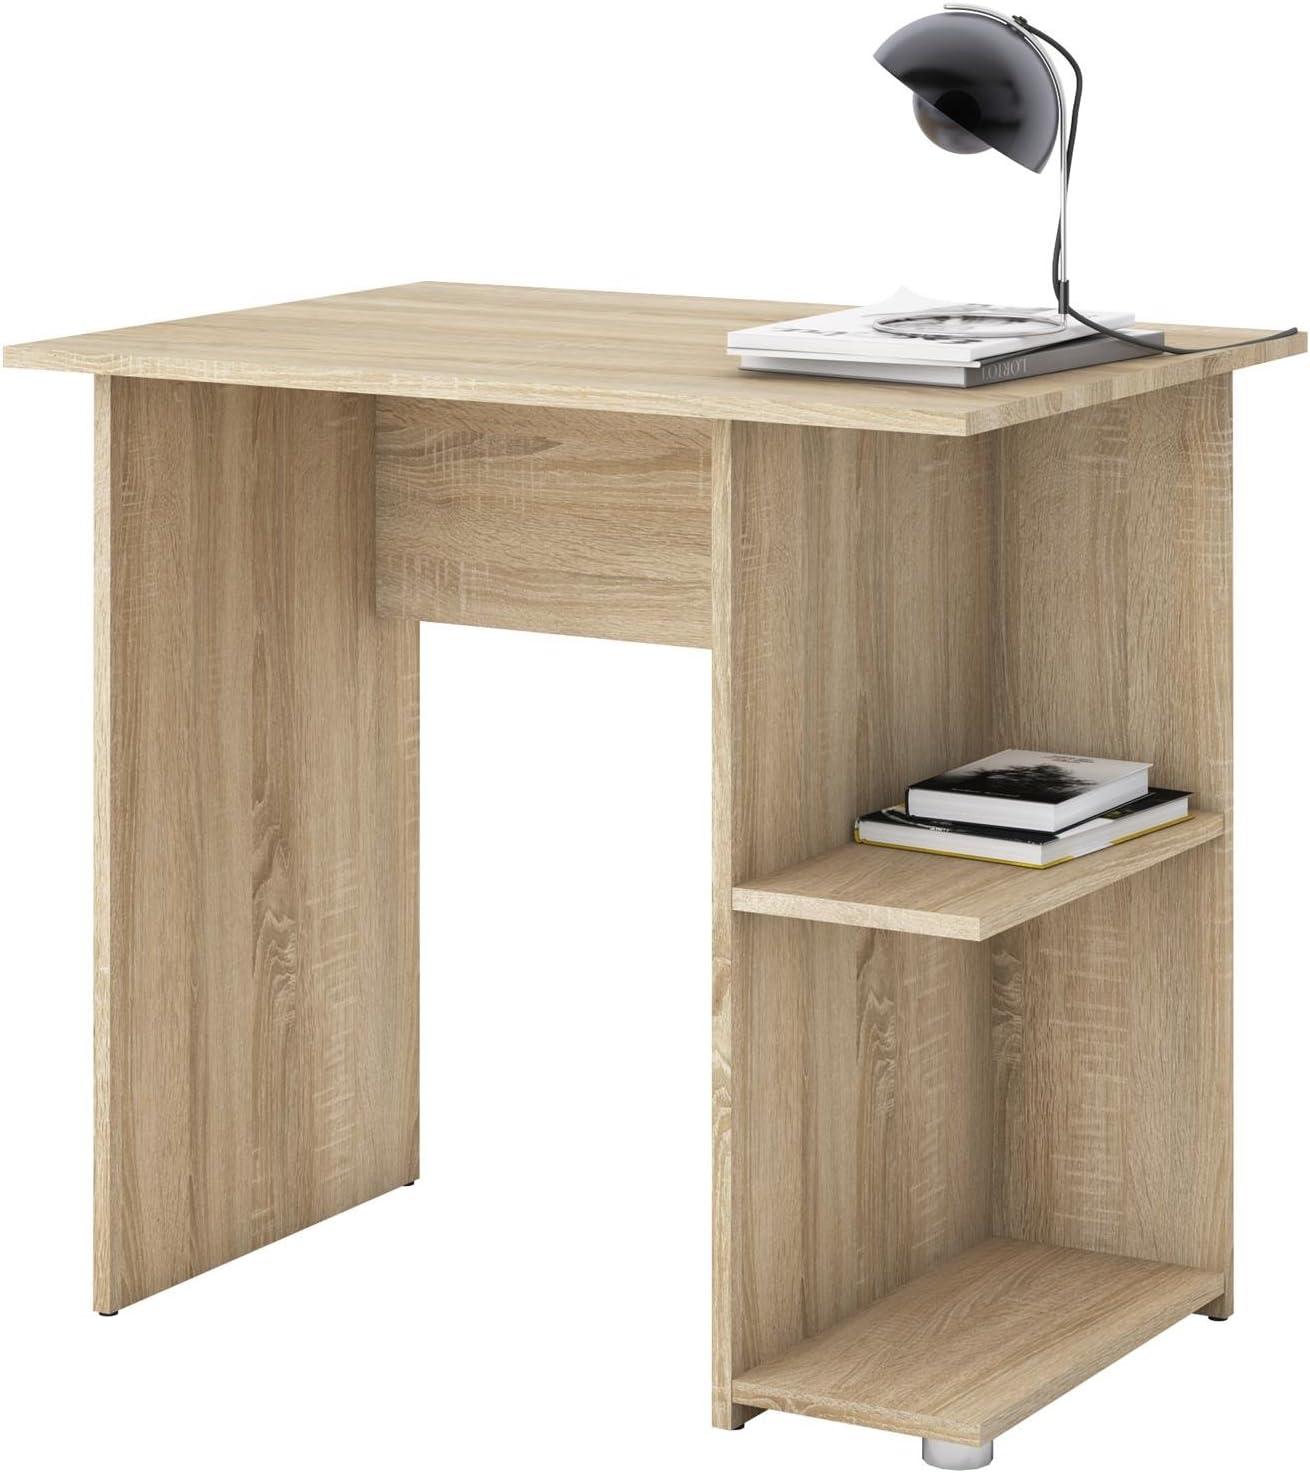 Escritorio Mesa IDIMEX Cuba en roble sonoma, con 2 estantes, 82 x 76 x 60 cm, Oficina Mesa: Amazon.es: Juguetes y juegos